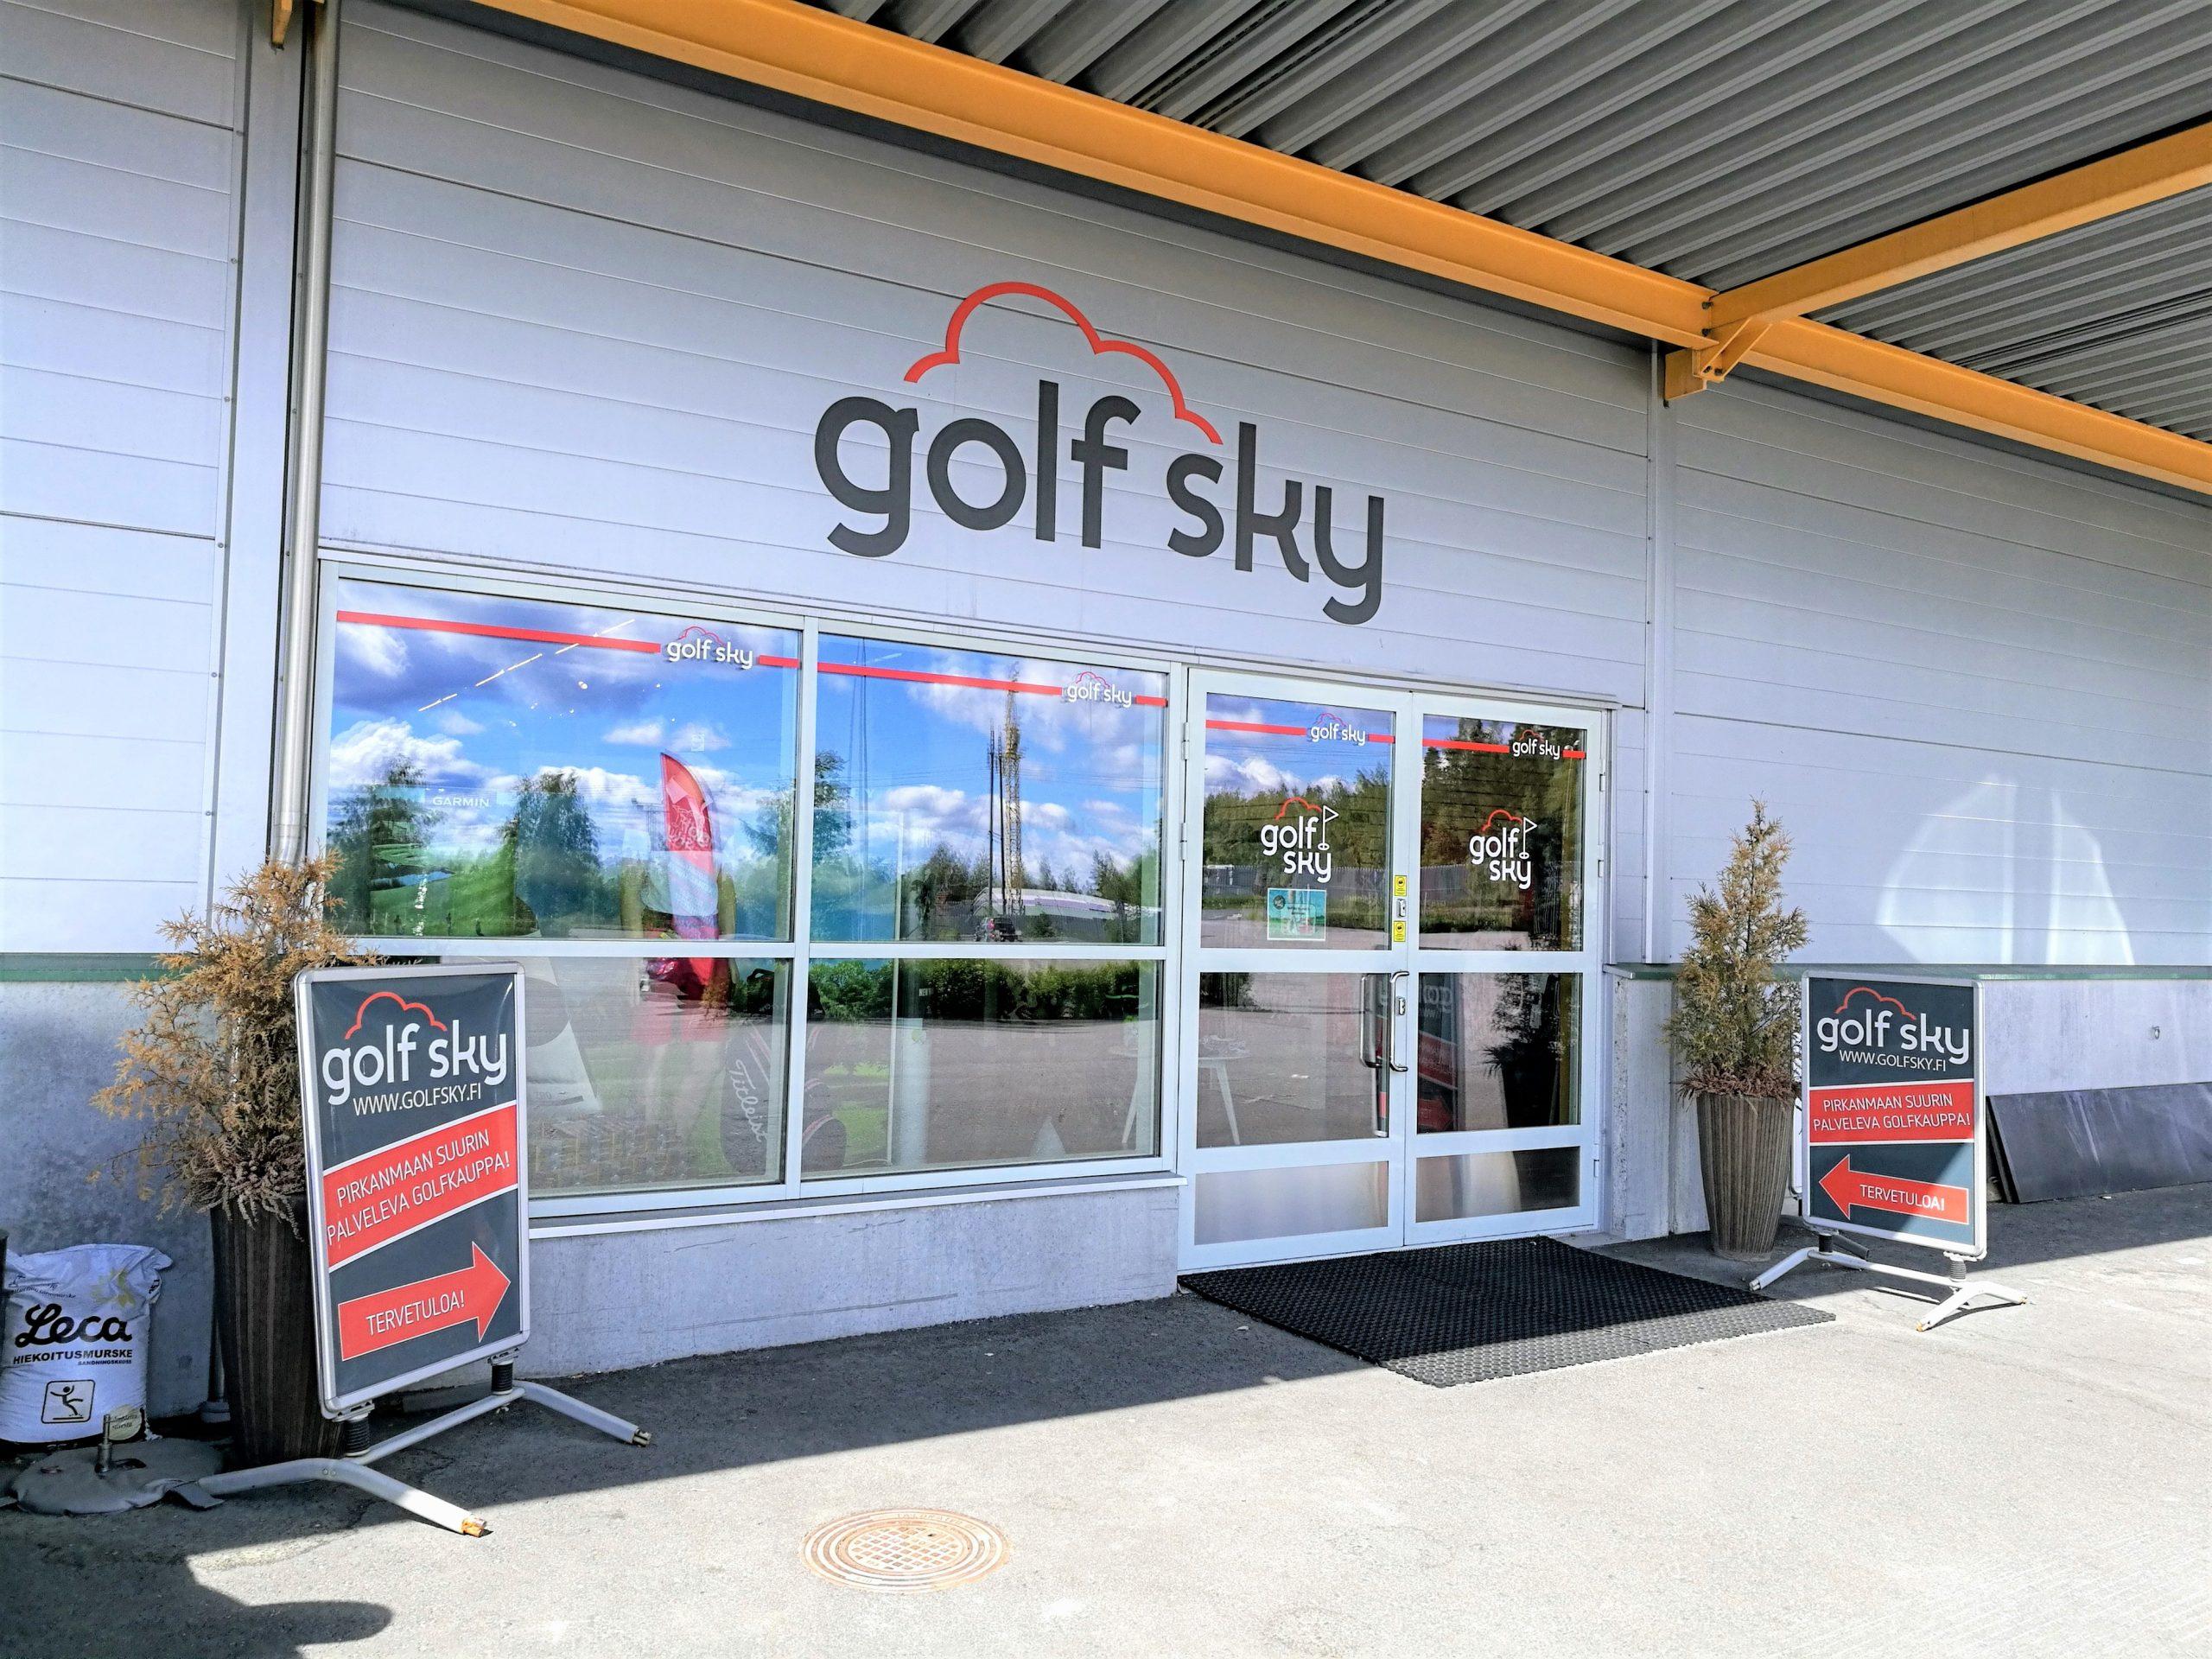 Golf Skyn harjoittelukeskuksen pääovi, jonka edessä yrityksen mainoskyltit.